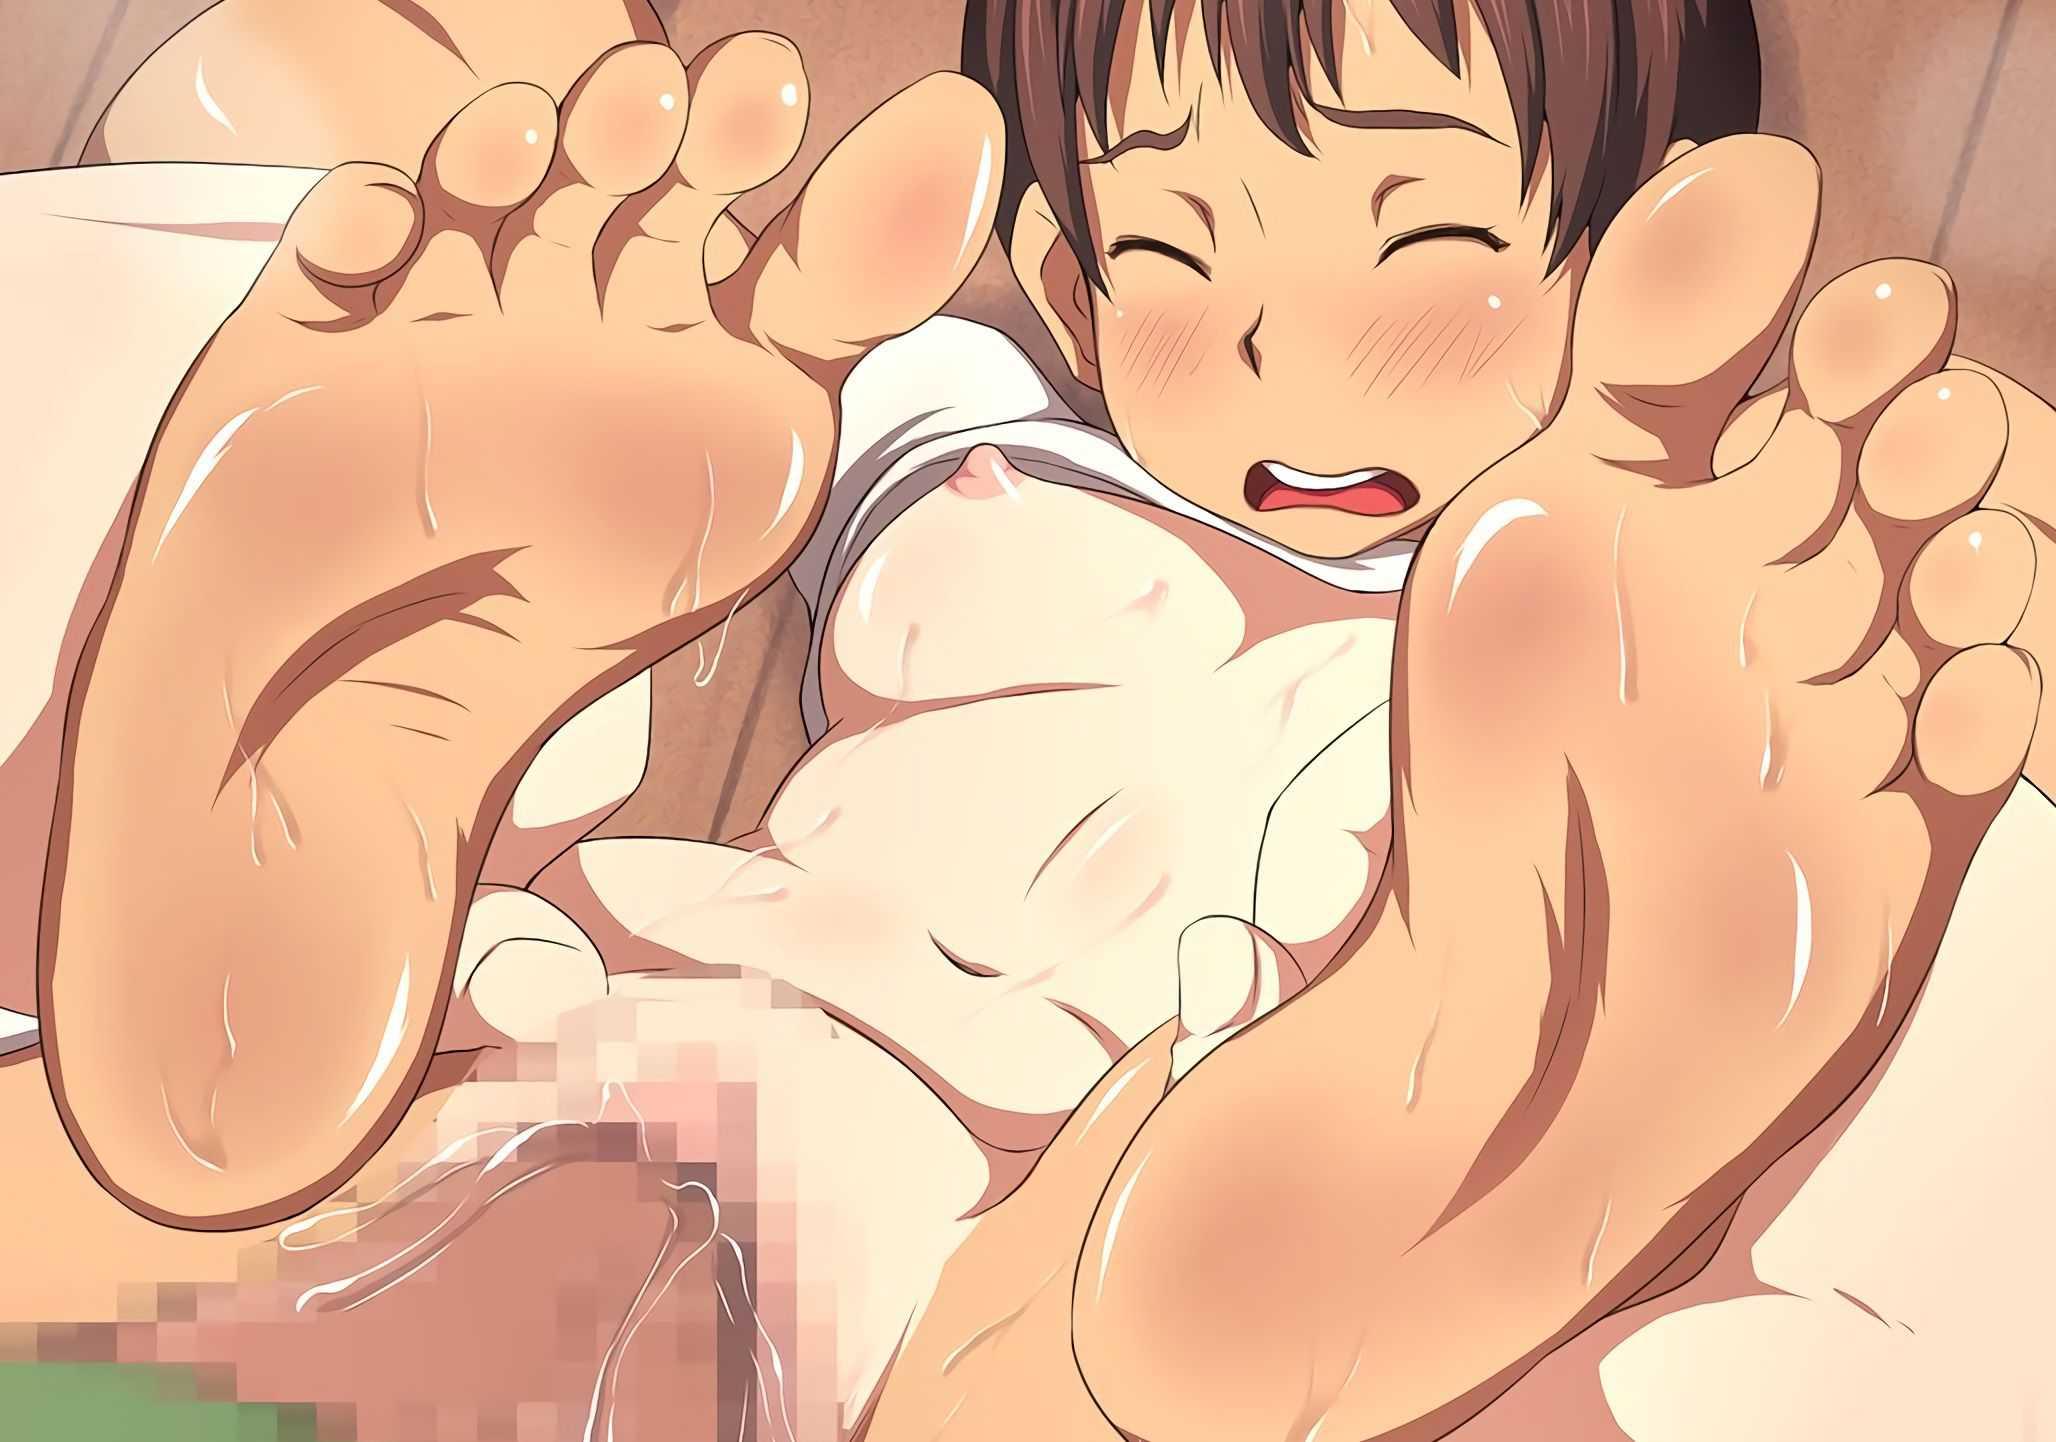 舐め回したい足フェチに向けた裸足の美少女画像下さい